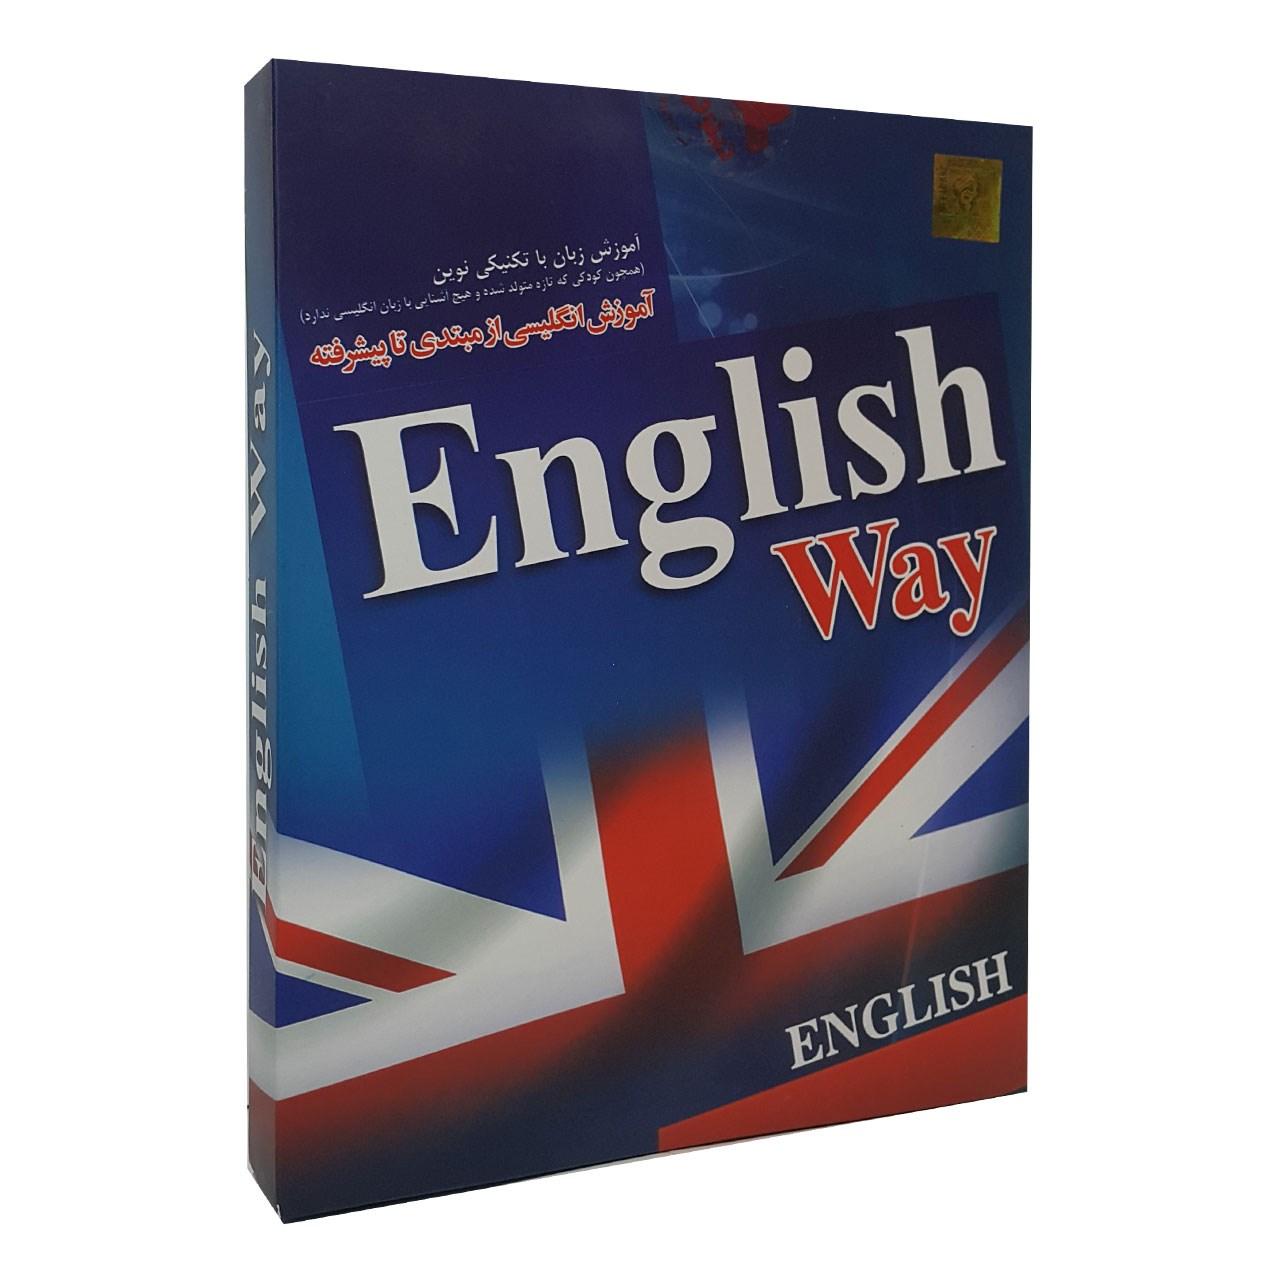 نرم افزار آموزش زبان انگلیسی English Way نشر نیلوفر آبی